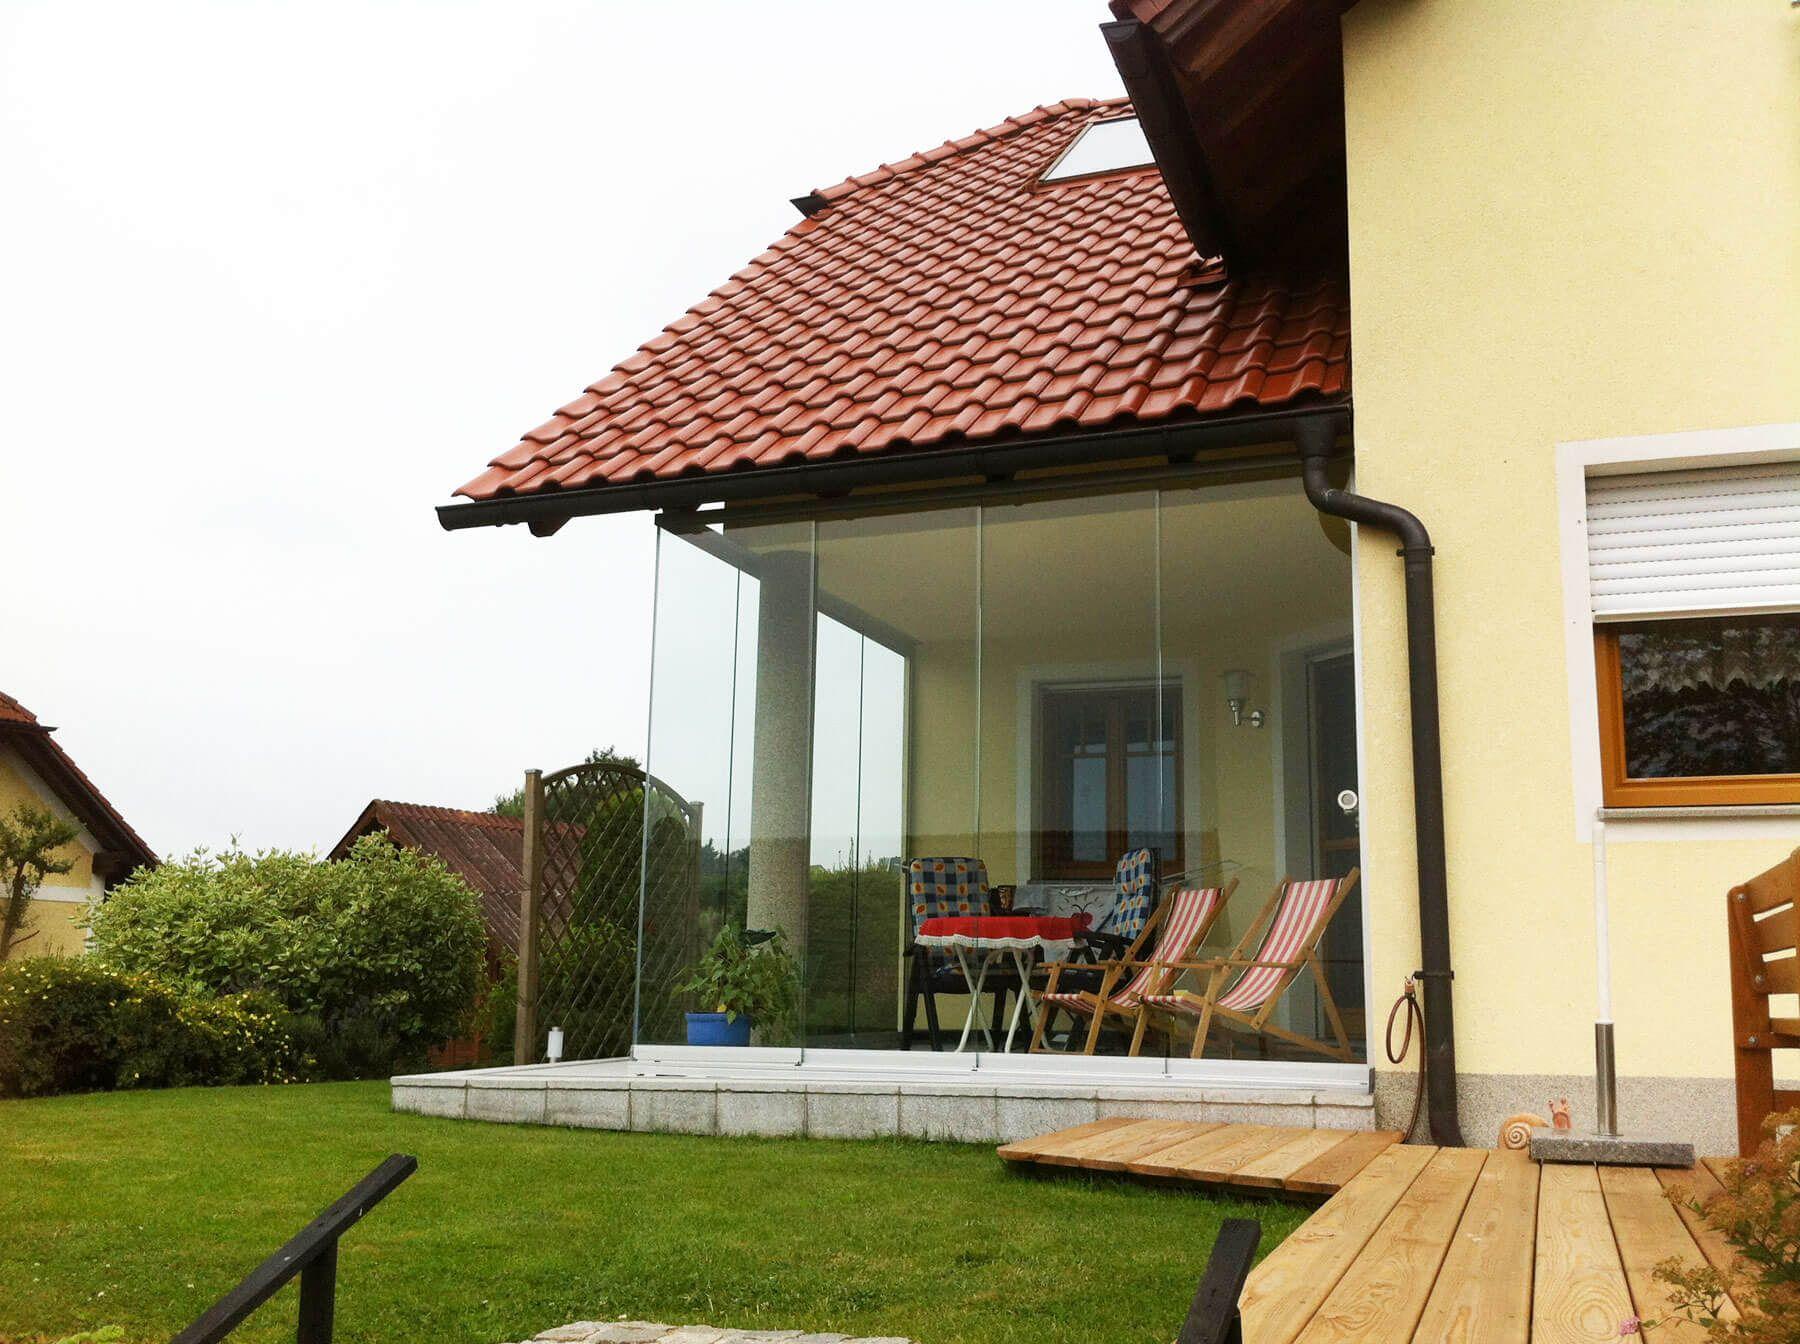 Berühmt Rahmenlose Verglasung Terrasse mit Schiebetüren aus Glas   Home &GG_33